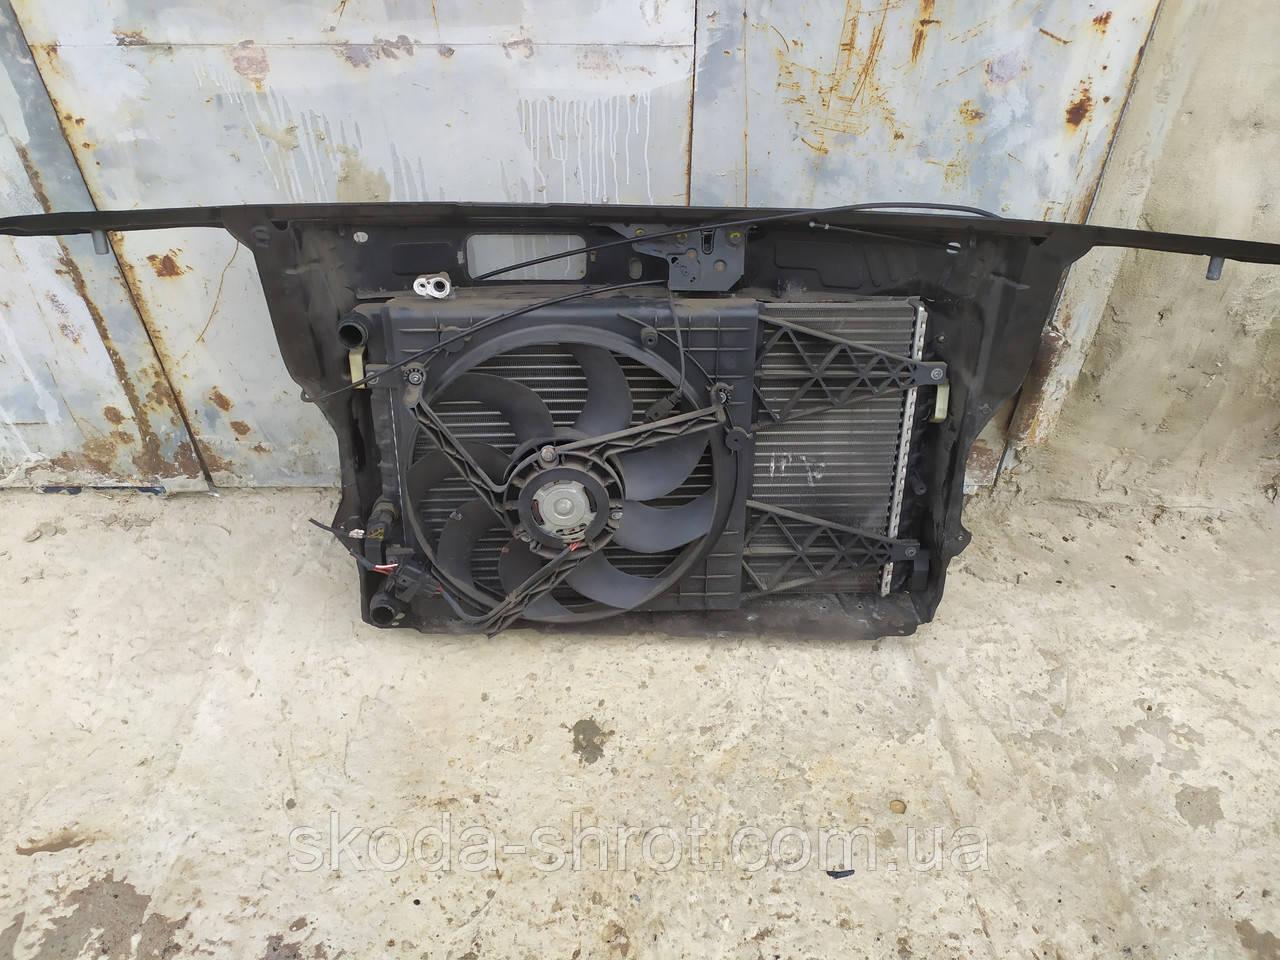 Вентилятор радиатора фабия -2 6Q0959455AE